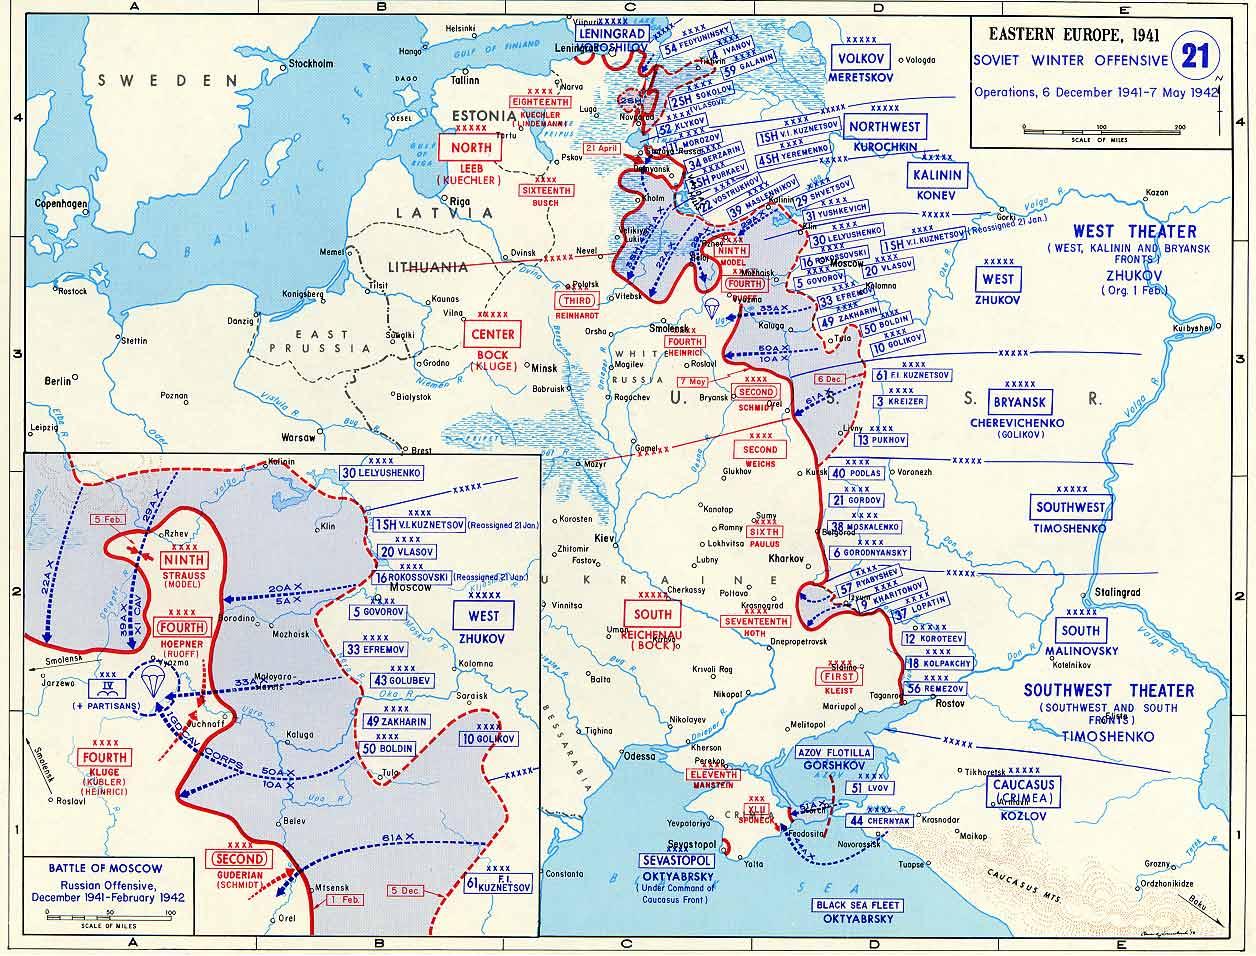 Контрнаступление под Москвой, 5 декабря 1941 - 7 мая 1942 года